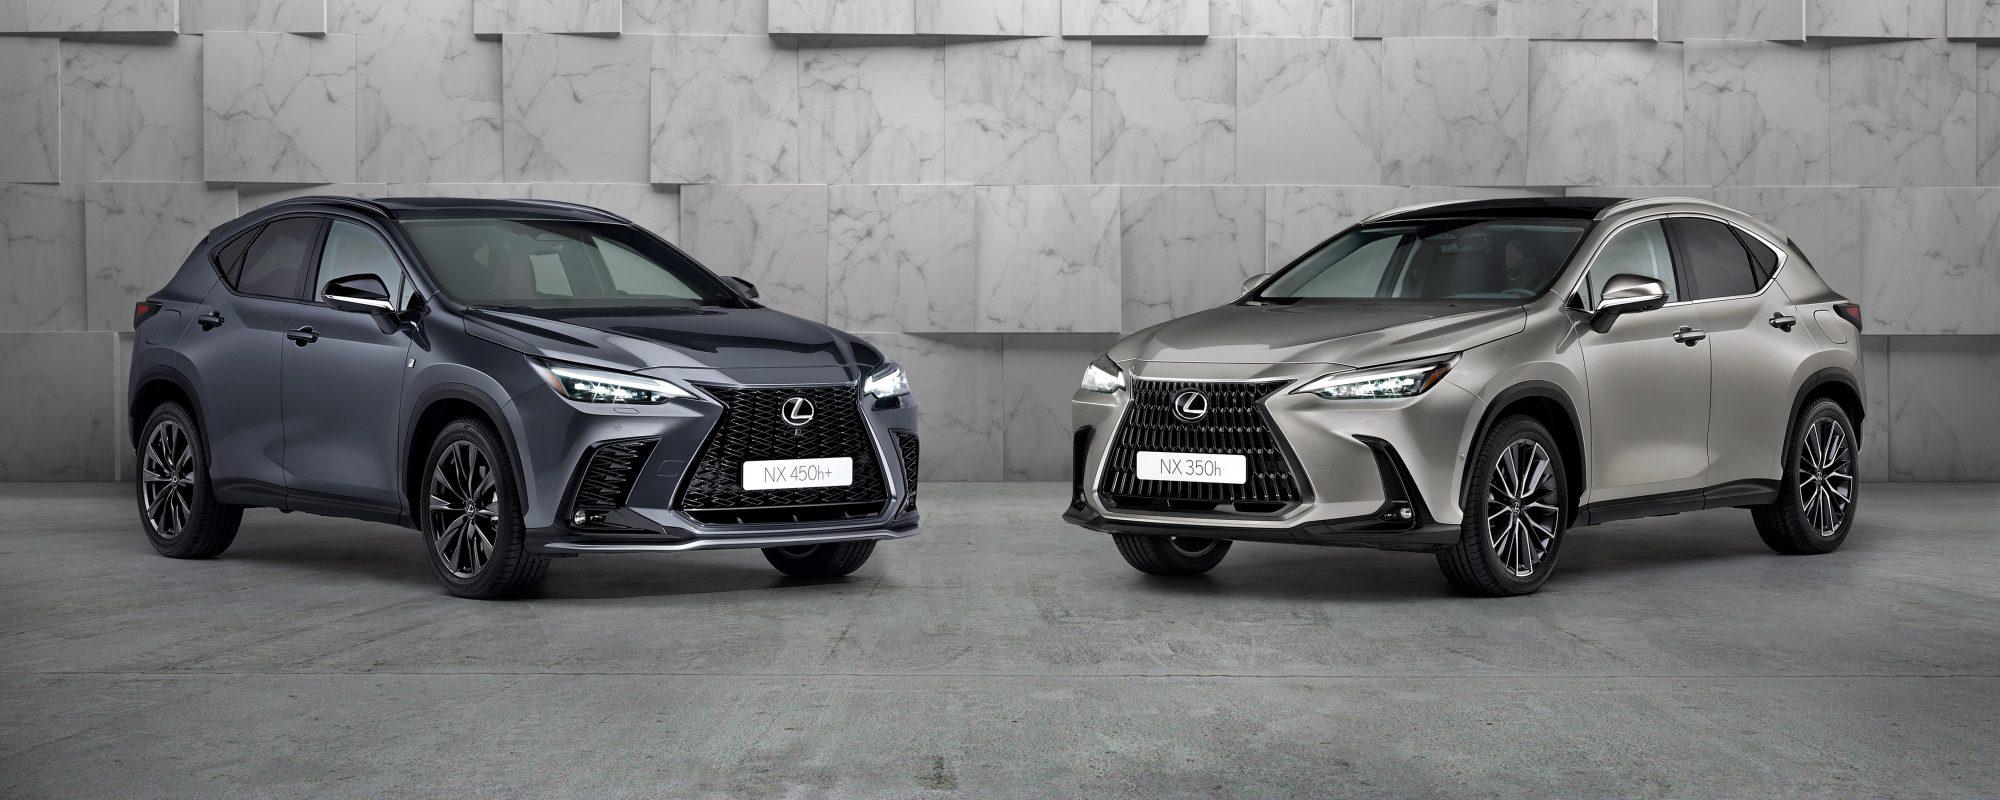 Lexus maakt vanafprijs nieuwste generatie Lexus NX bekend